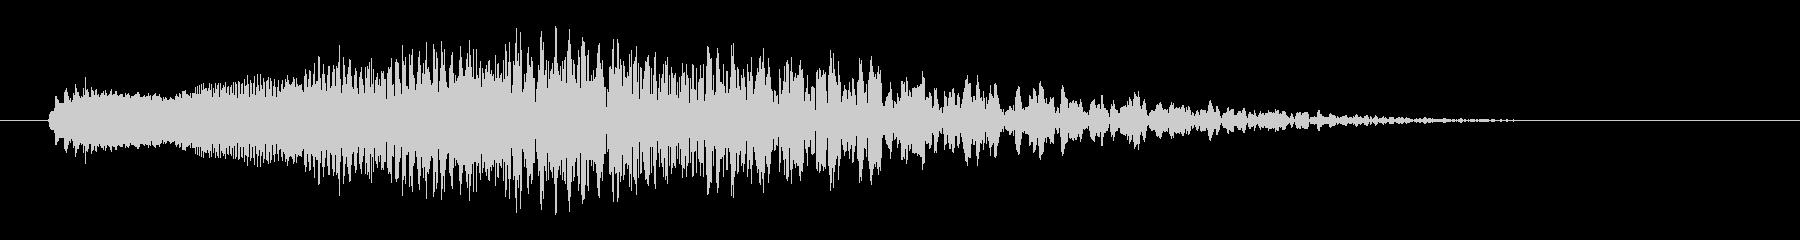 ピューン③↓(落下音・長め・コミカル)の未再生の波形